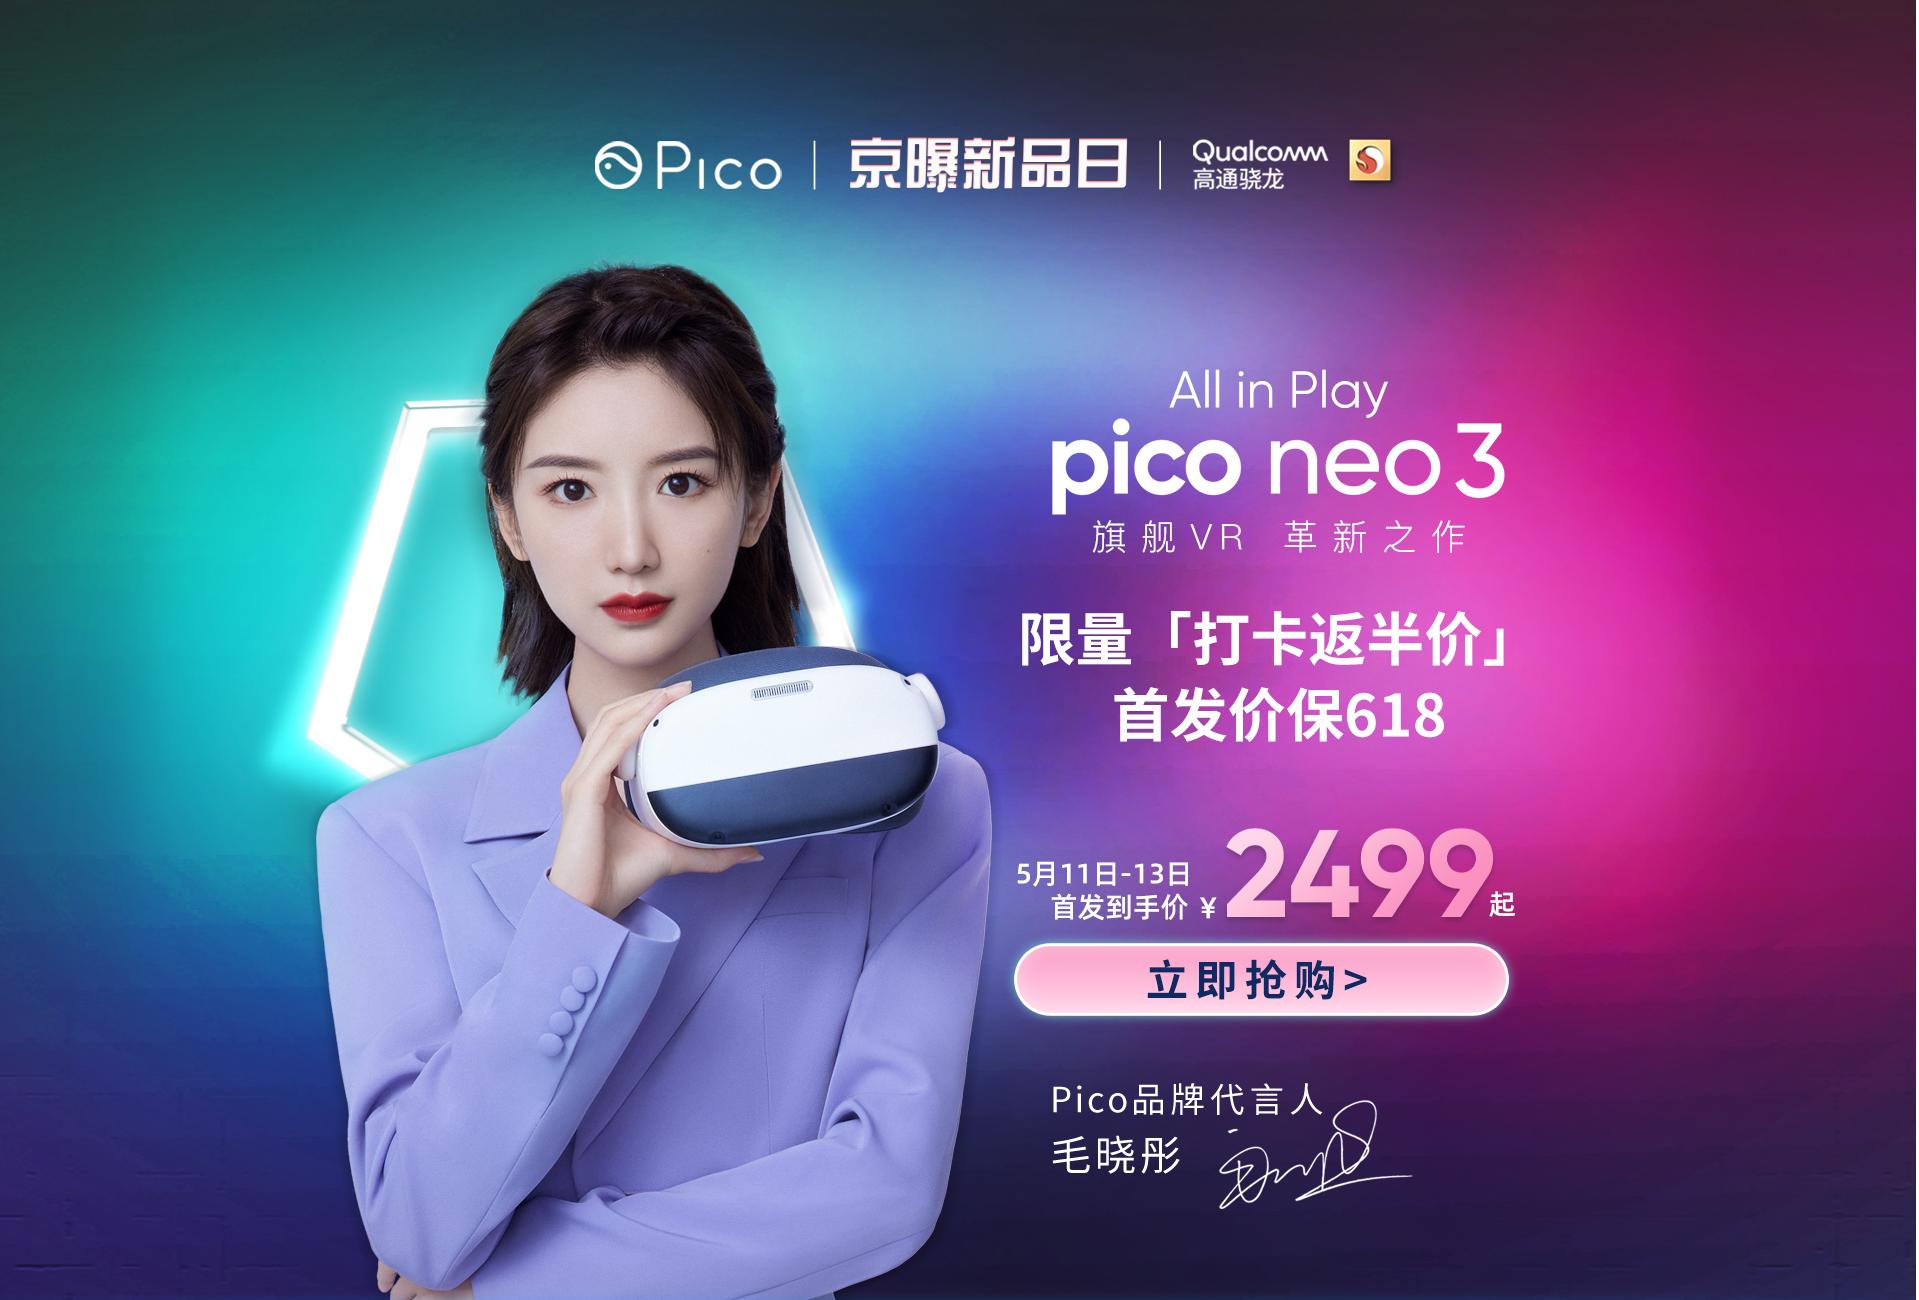 Pico Neo 3强势上市,首发14小时销售额破千万